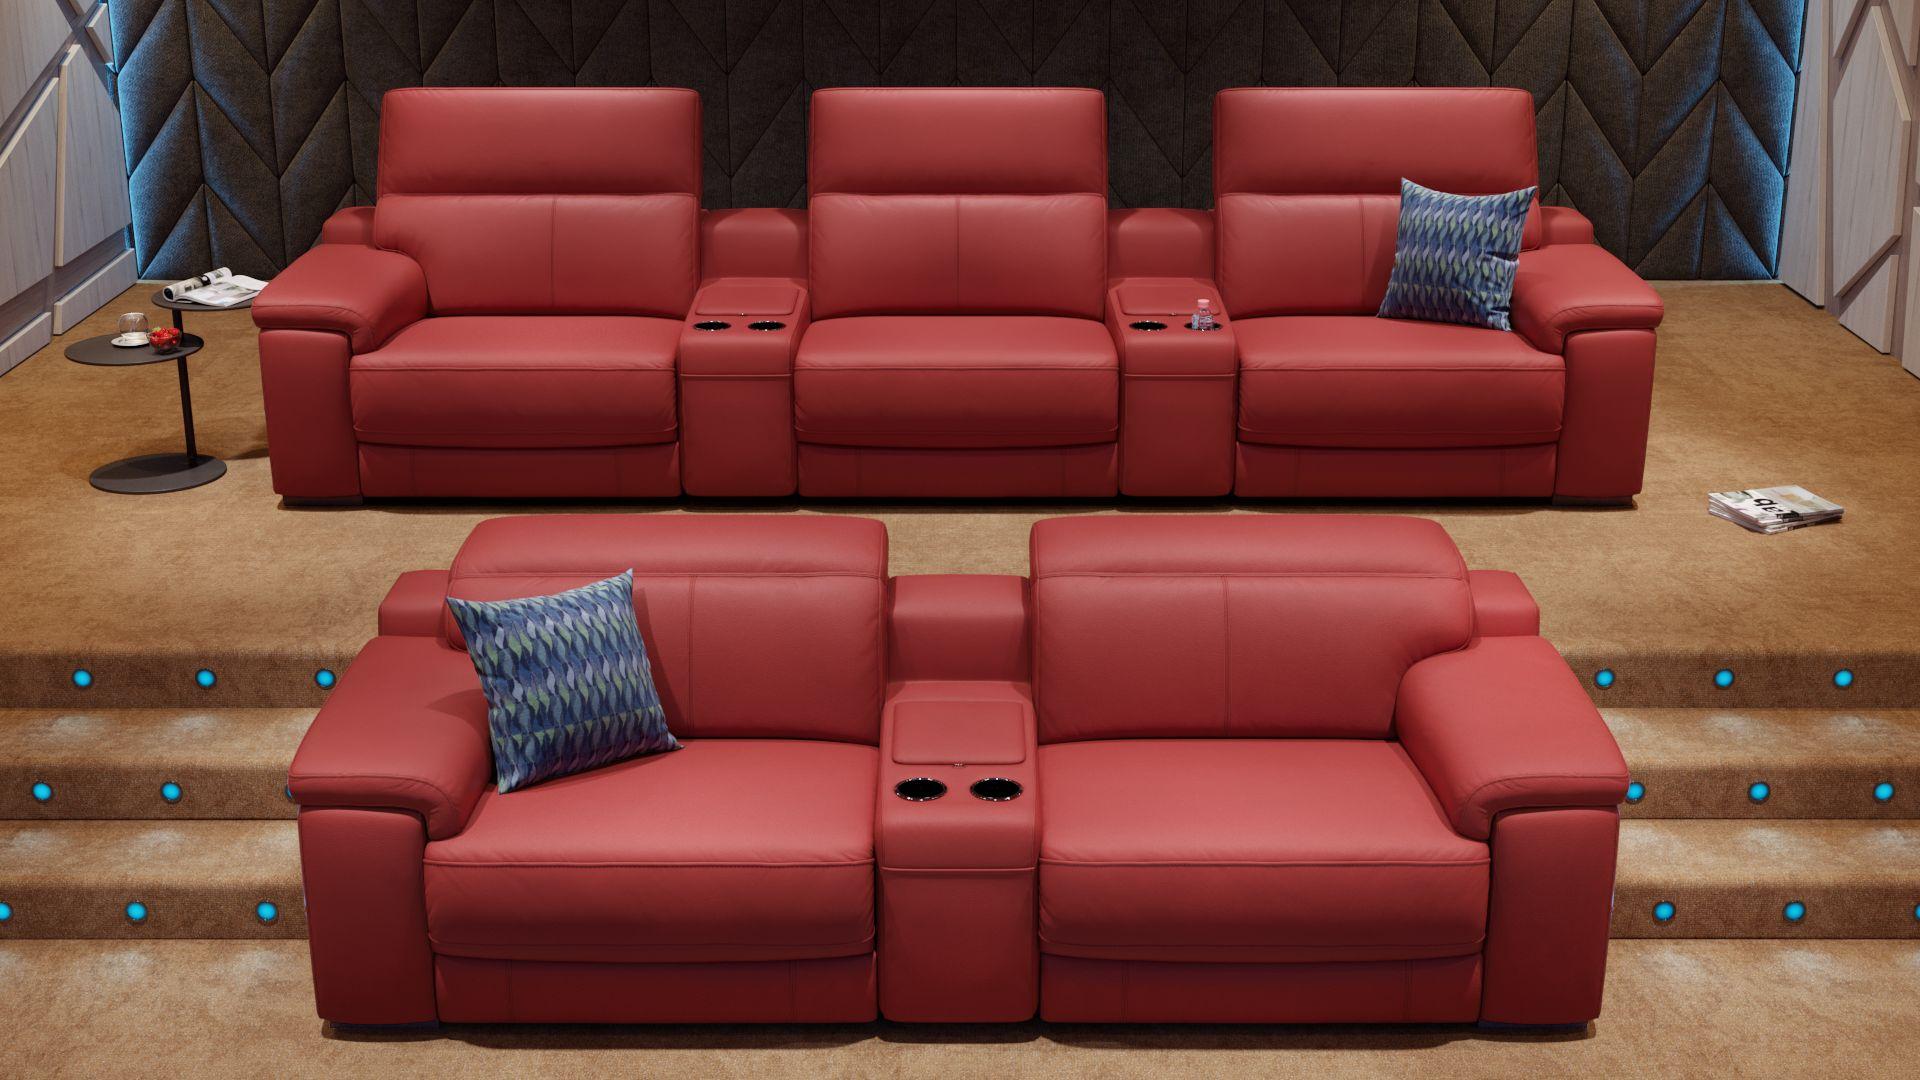 Leder 2-Sitzer Kinosofa mit einer Mittelkonsole SORA